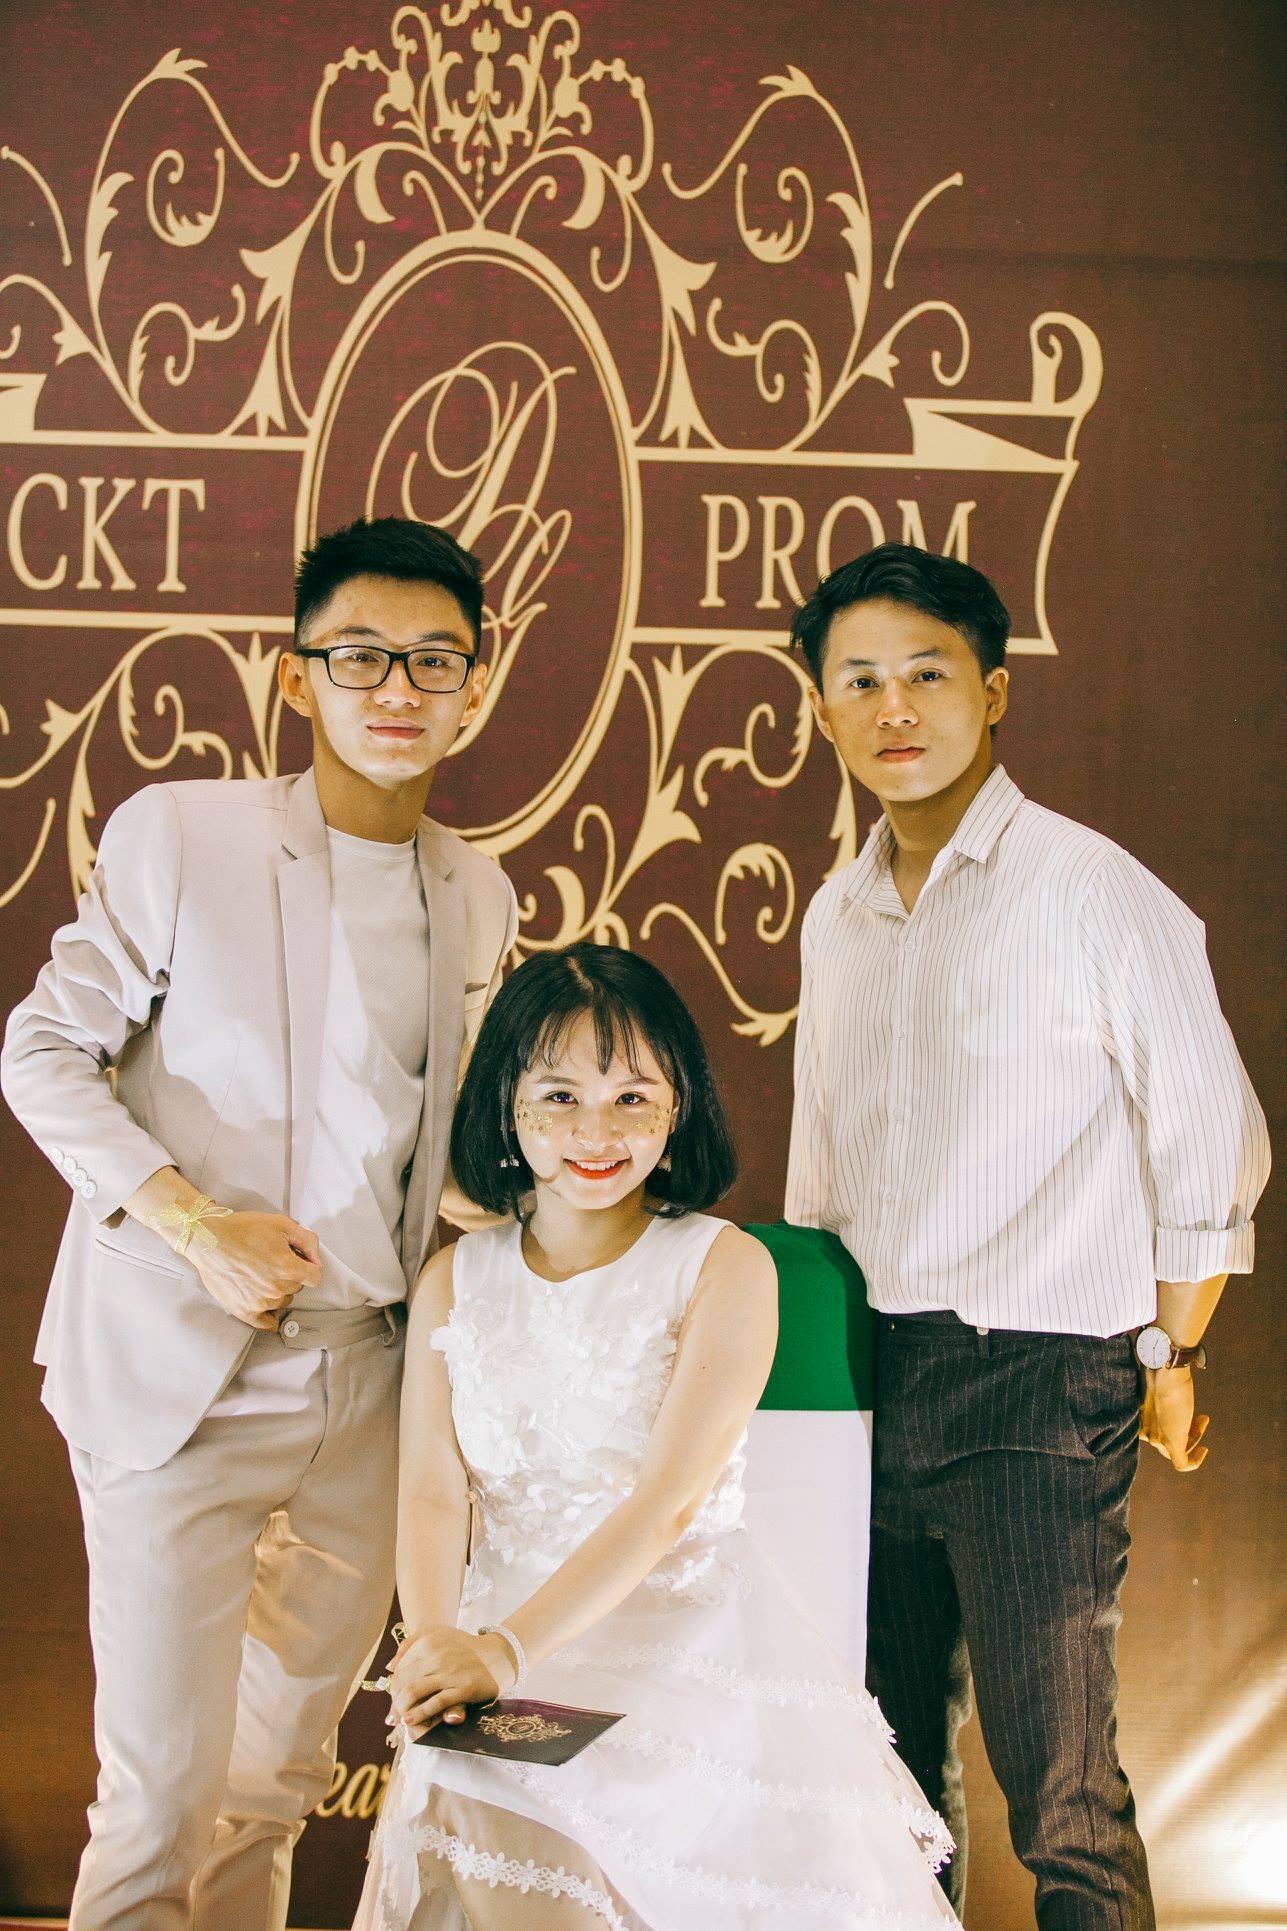 Không chỉ RMIT, trường chuyên phố núi Kon Tum cũng khiến chúng ta đã mắt với dàn trai xinh gái đẹp trong tiệc prom - Ảnh 22.